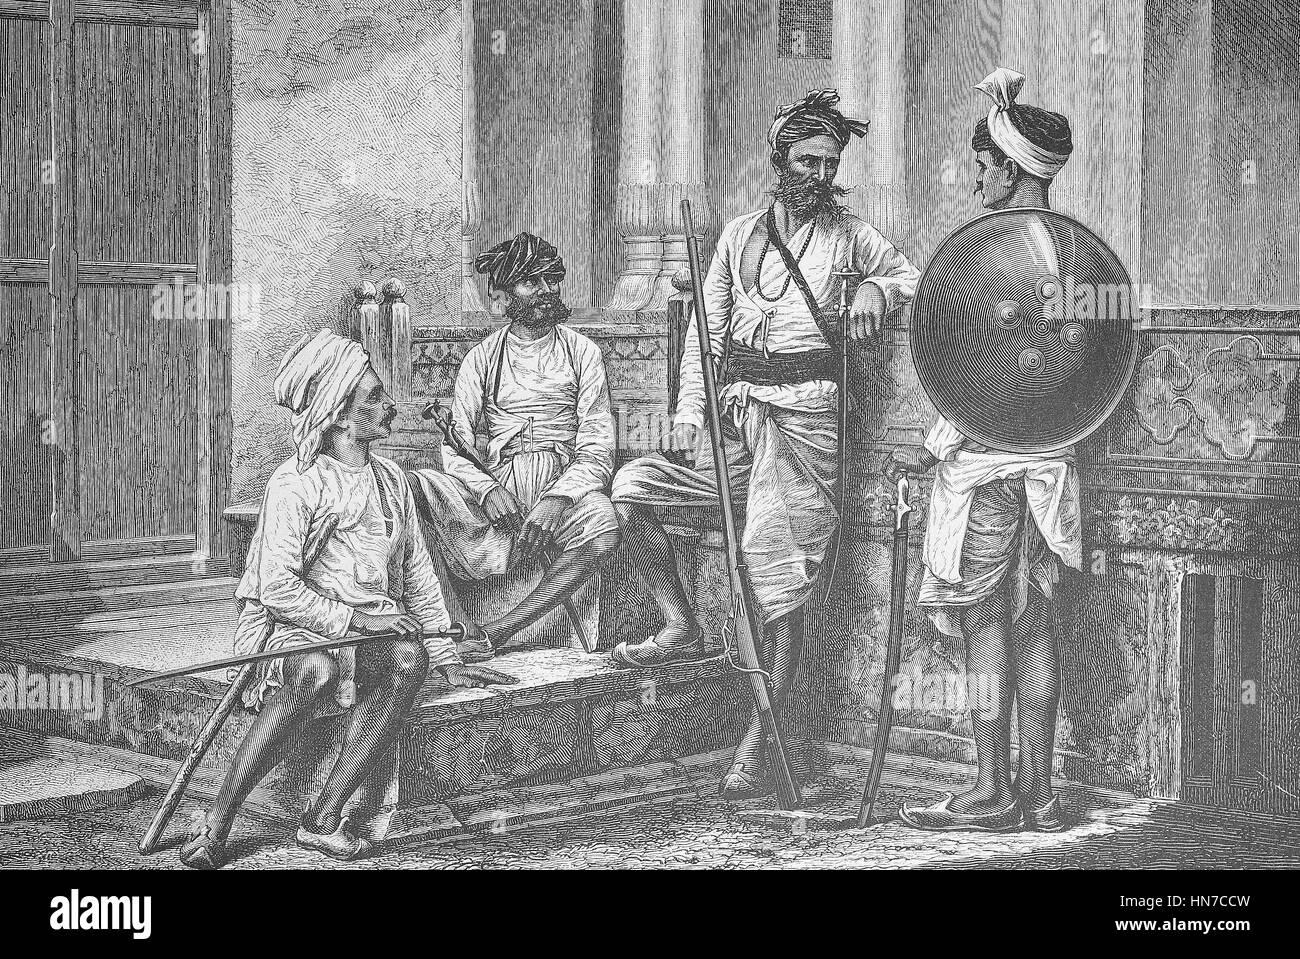 Krieger aus der Rajput, ein Mitglied der patrilineare Clans des indischen Subkontinents, Indien. Krieger von der Stockbild